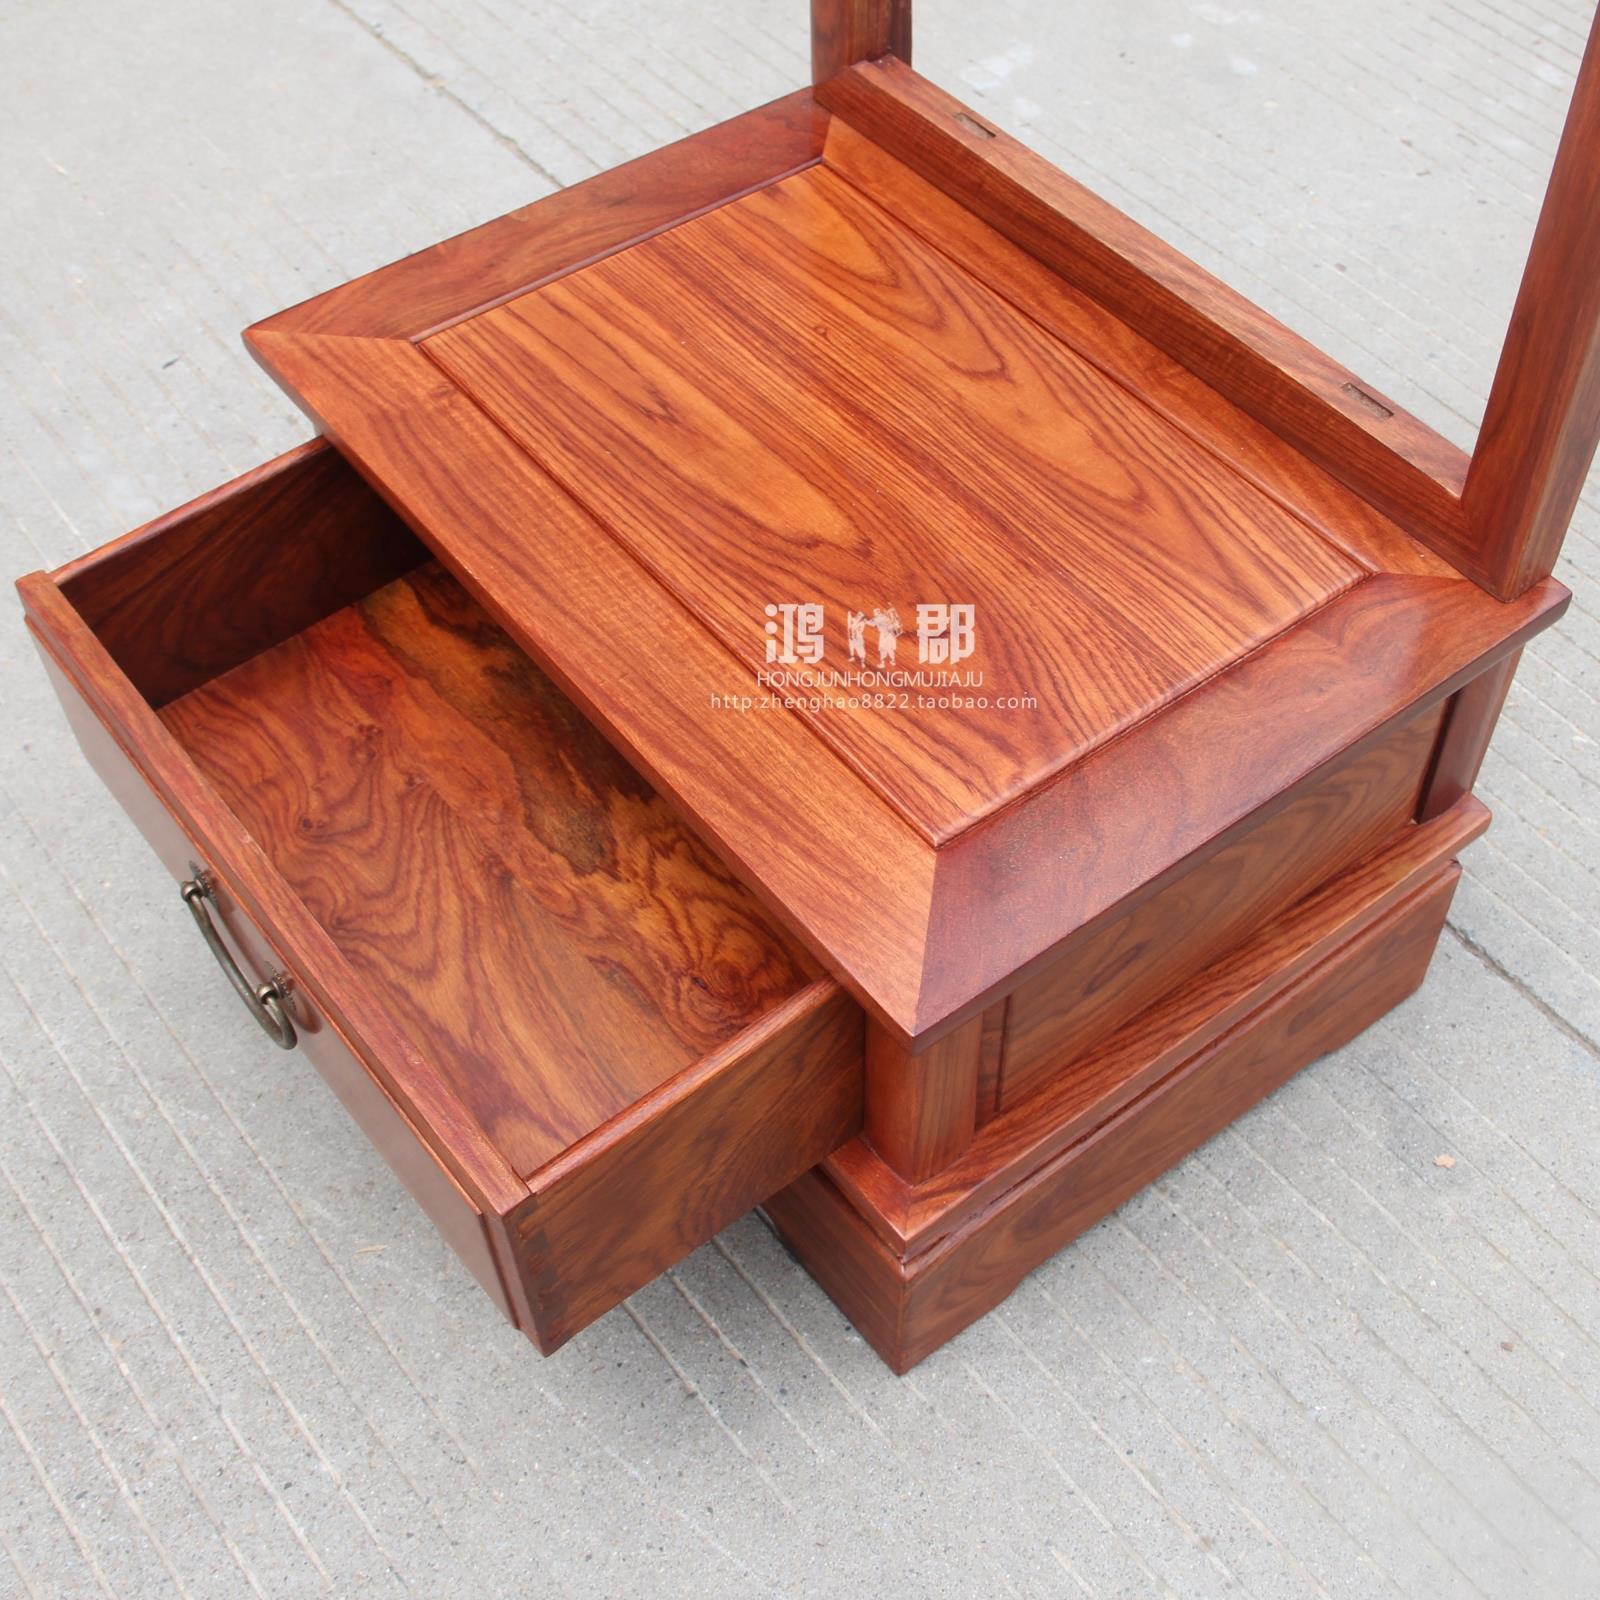 特价仿古中式红木穿衣镜花梨实木多功能置地穿衣镜全身落地试衣镜